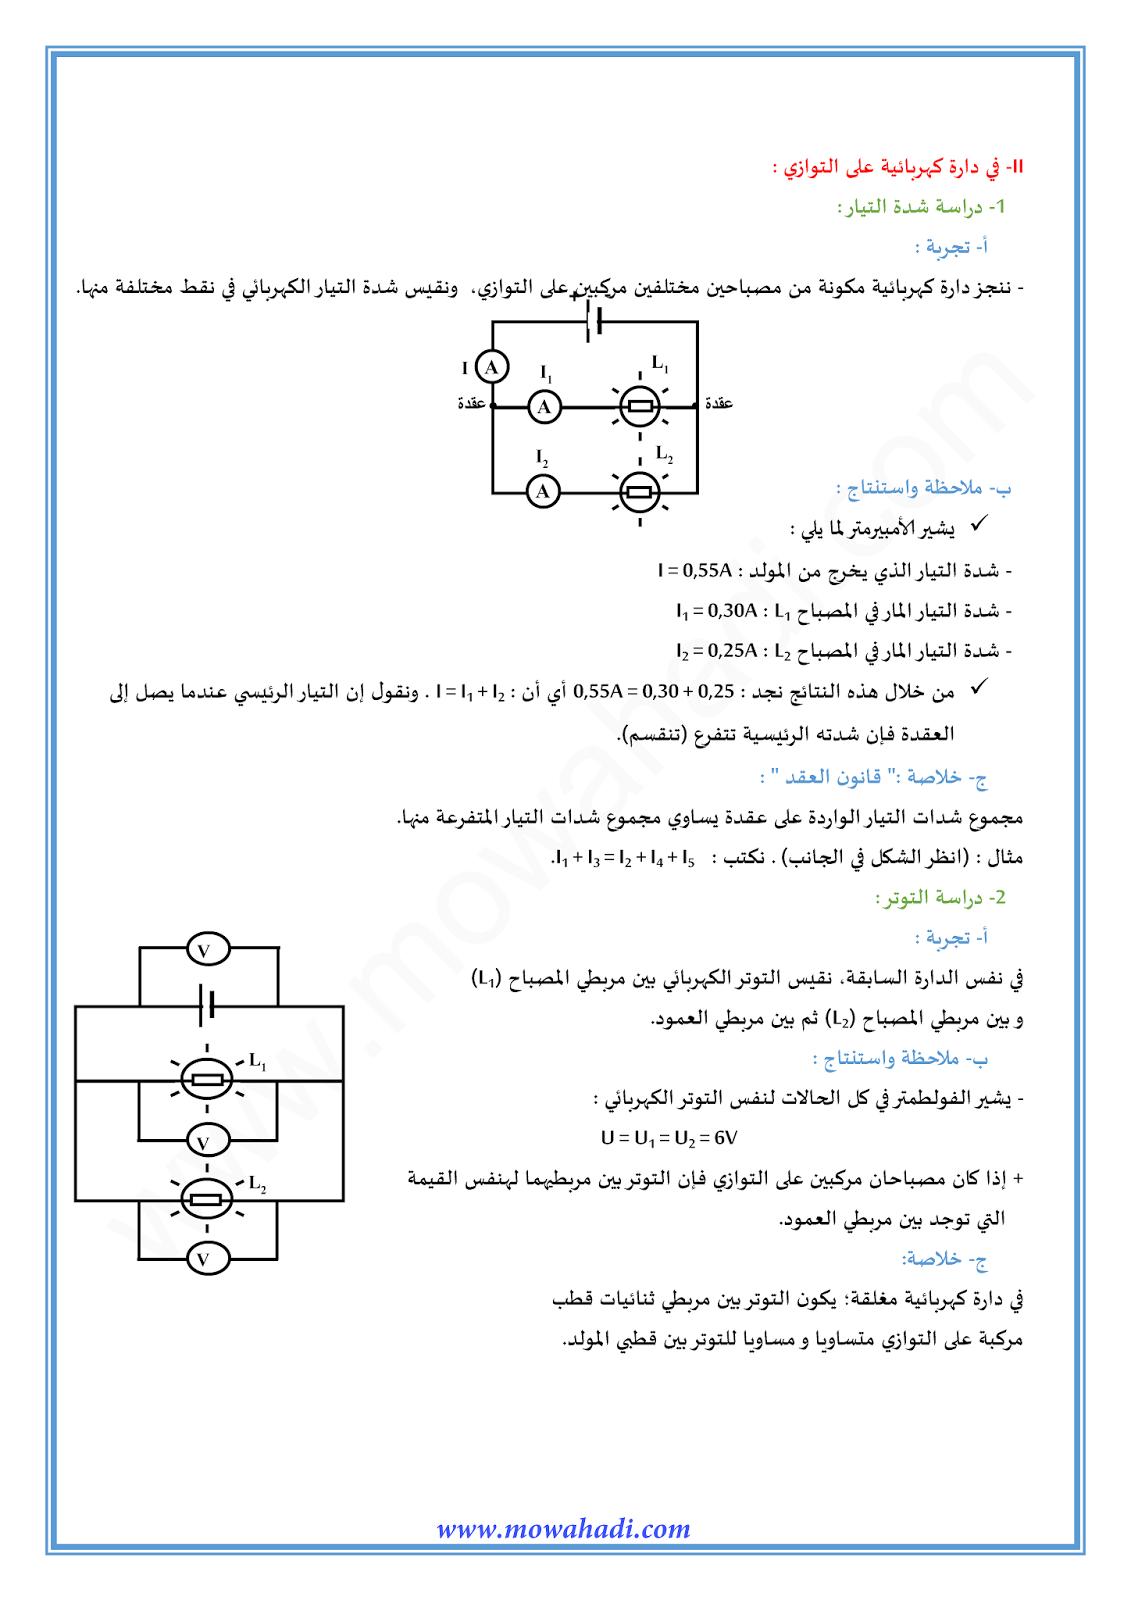 قوانين التيار الكهربائي المستمر1